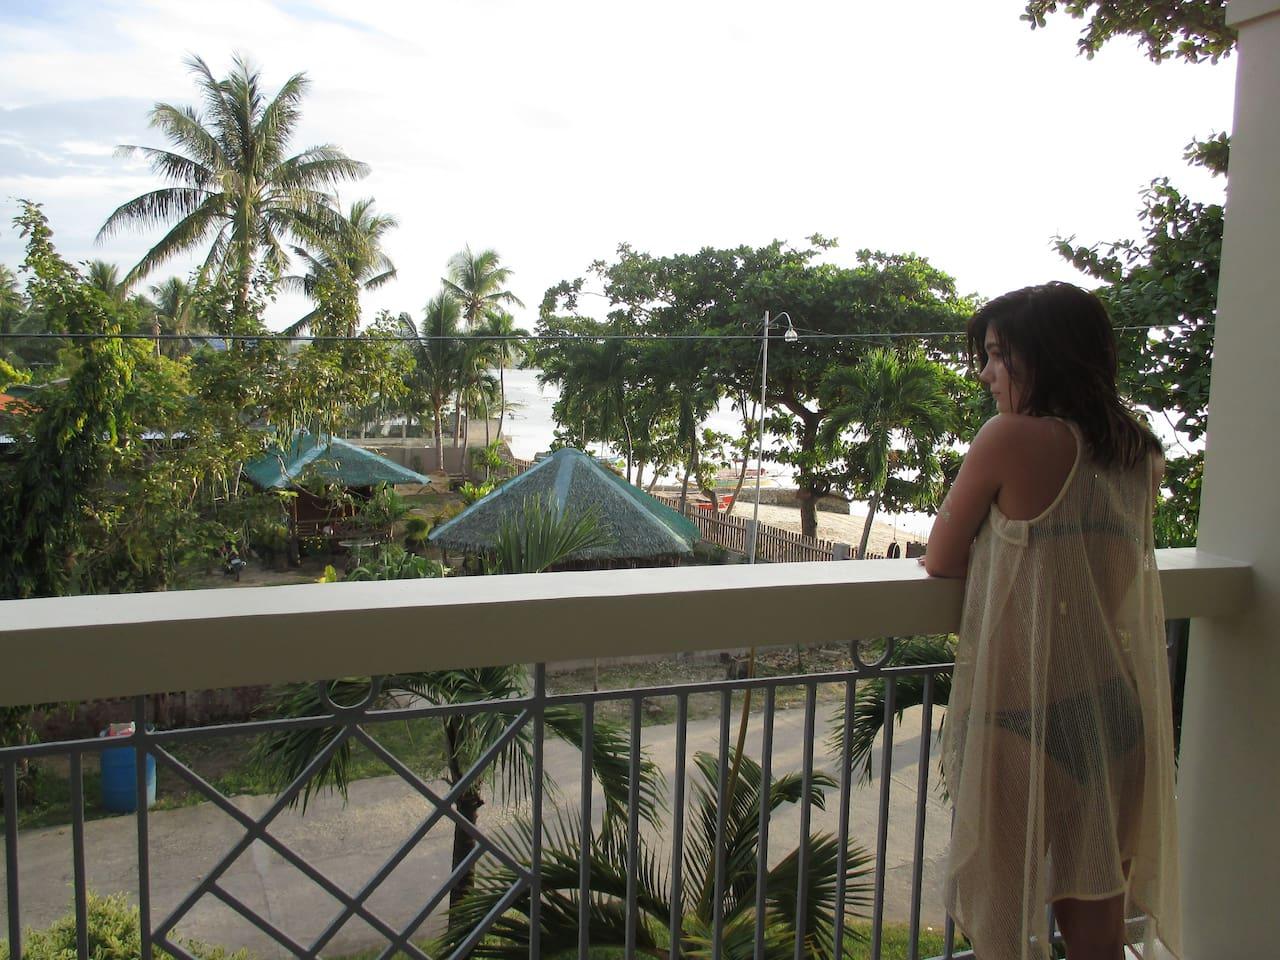 Balcony overlooking beach, street and neighborhood.